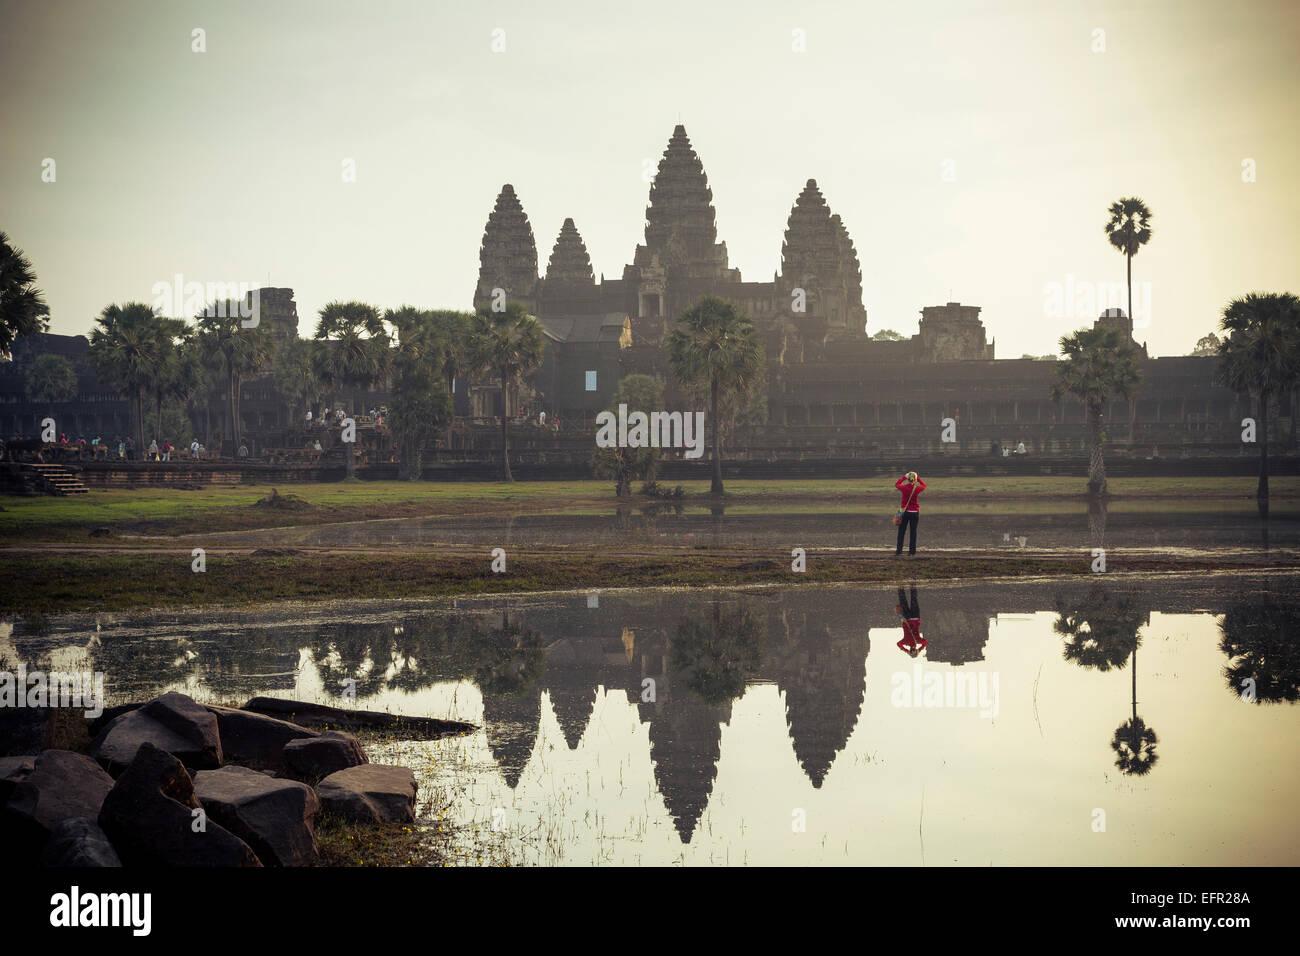 Angkor Wat temple, Angkor, Cambodia. - Stock Image